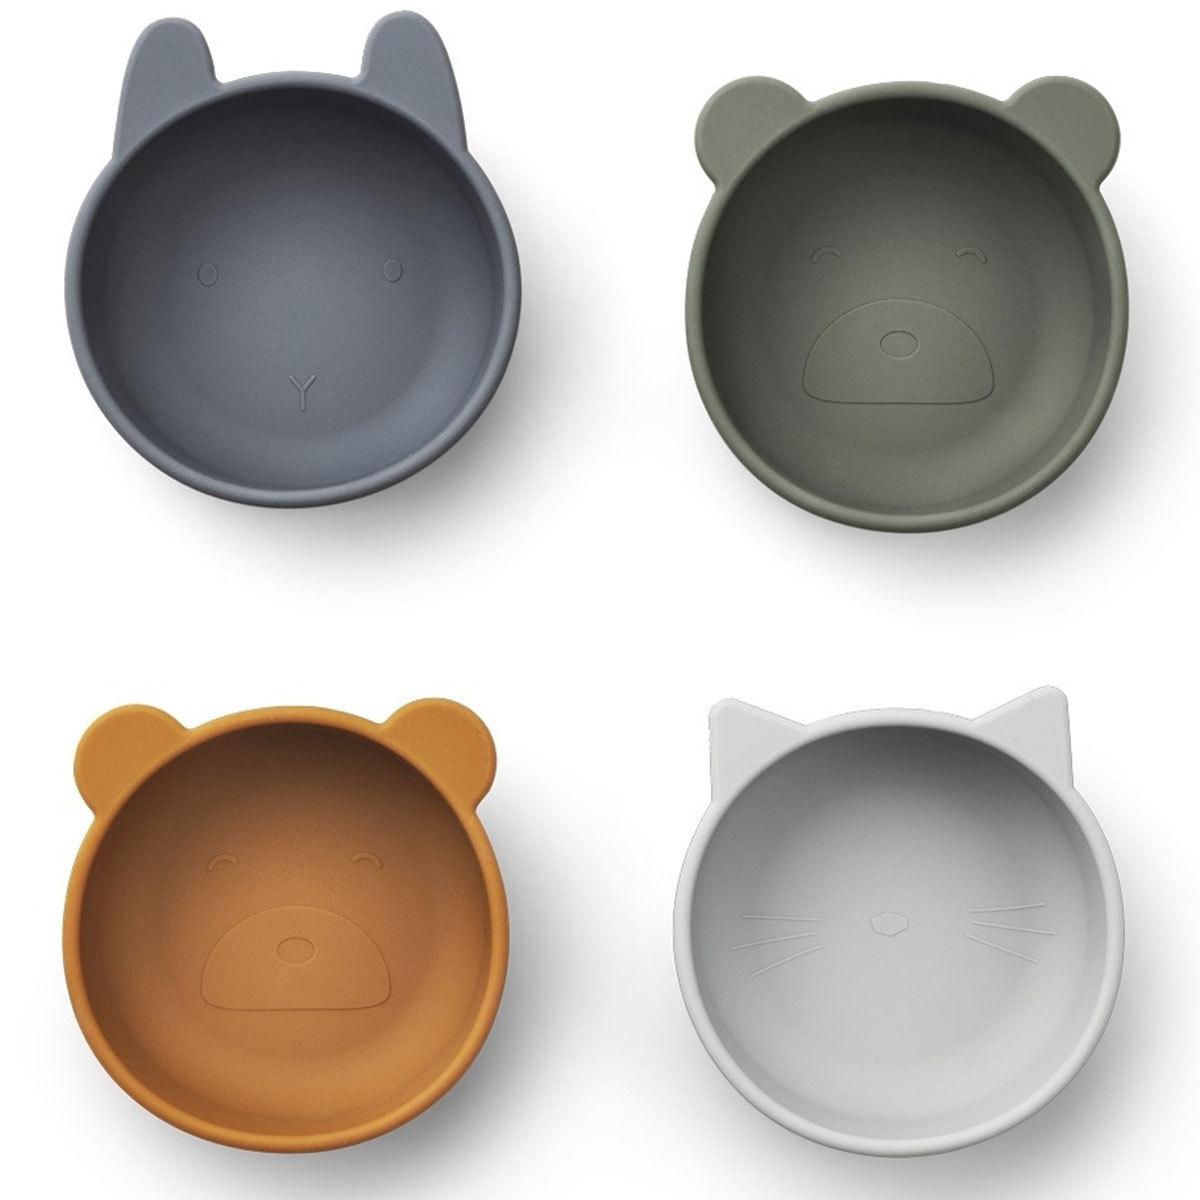 Vaisselle & Couvert Lot de 4 Bols en Silicone Iggy - Blue Mix Lot de 4 Bols en Silicone Iggy - Blue Mix